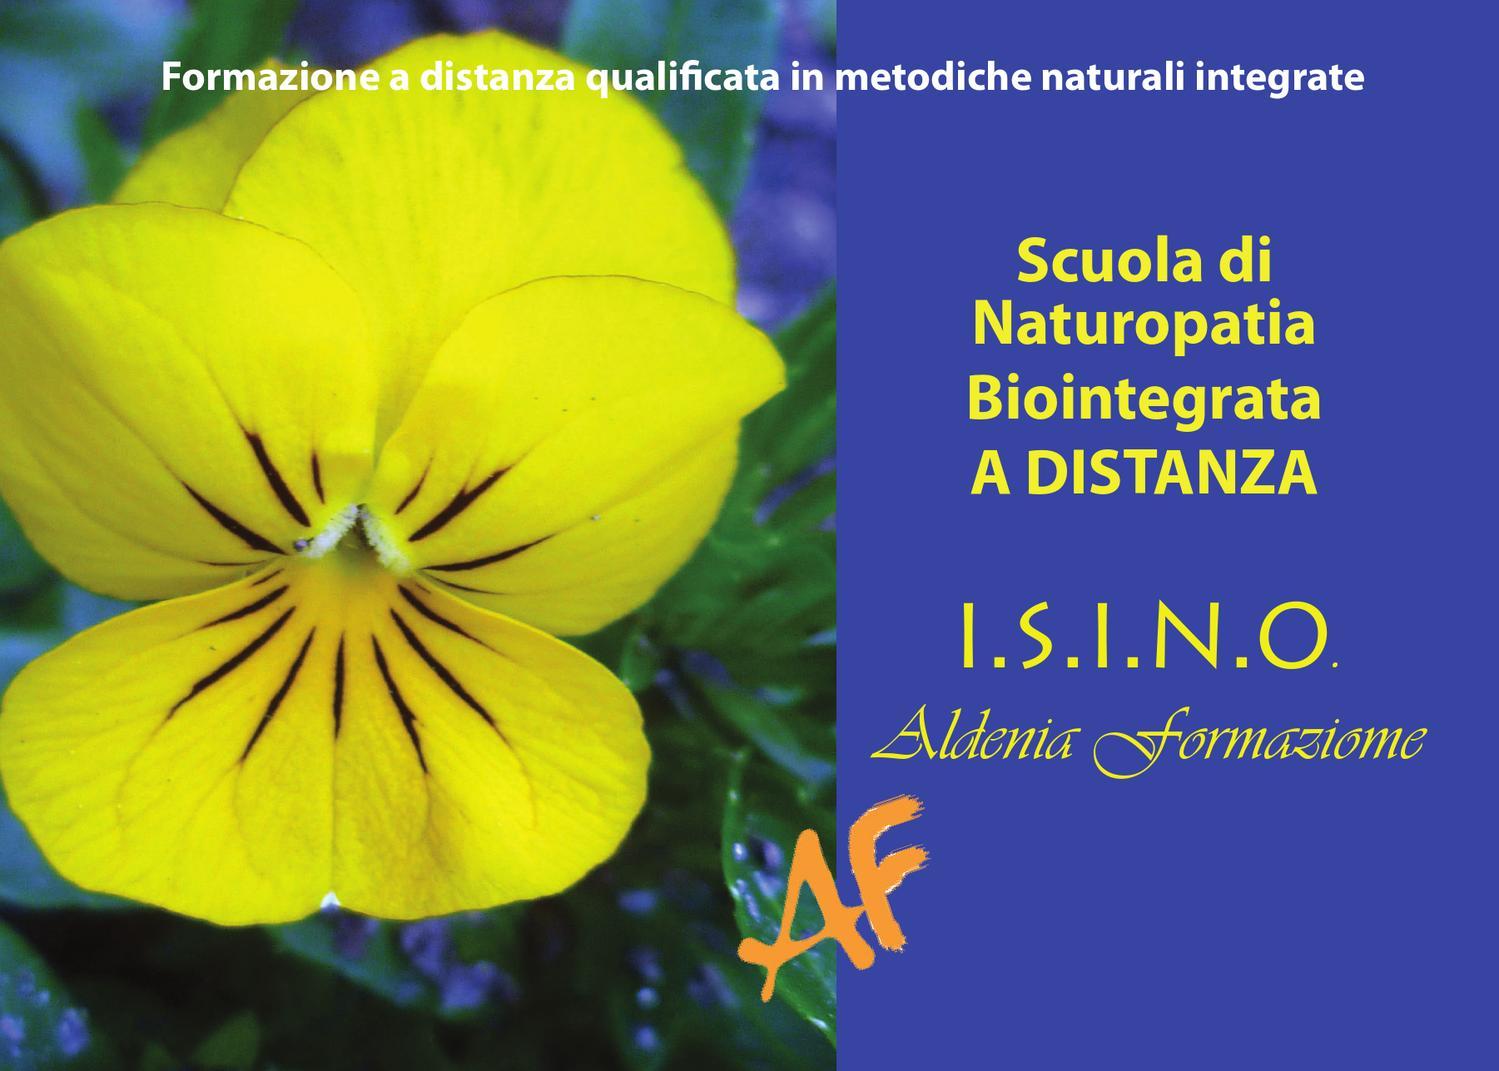 Aldenia Formazione      (I.s.i.n.o.)     www.aldenia.it      www.isino.it - Cover